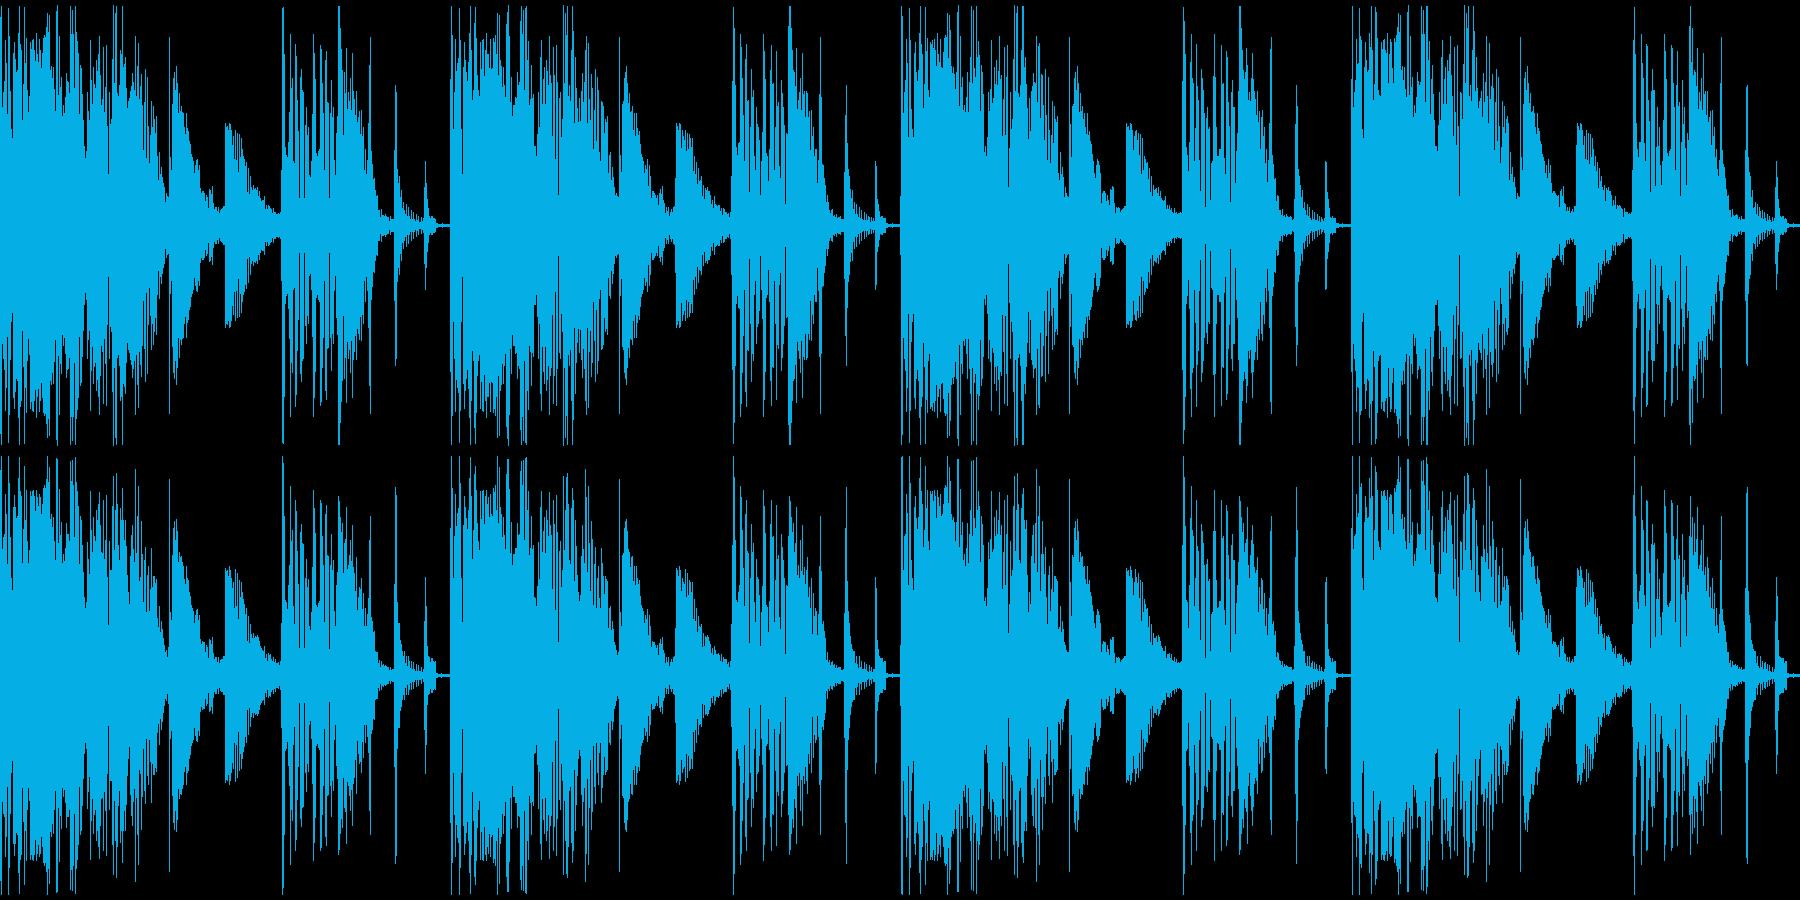 【エレクトロニカ】ロング4、ショート1の再生済みの波形